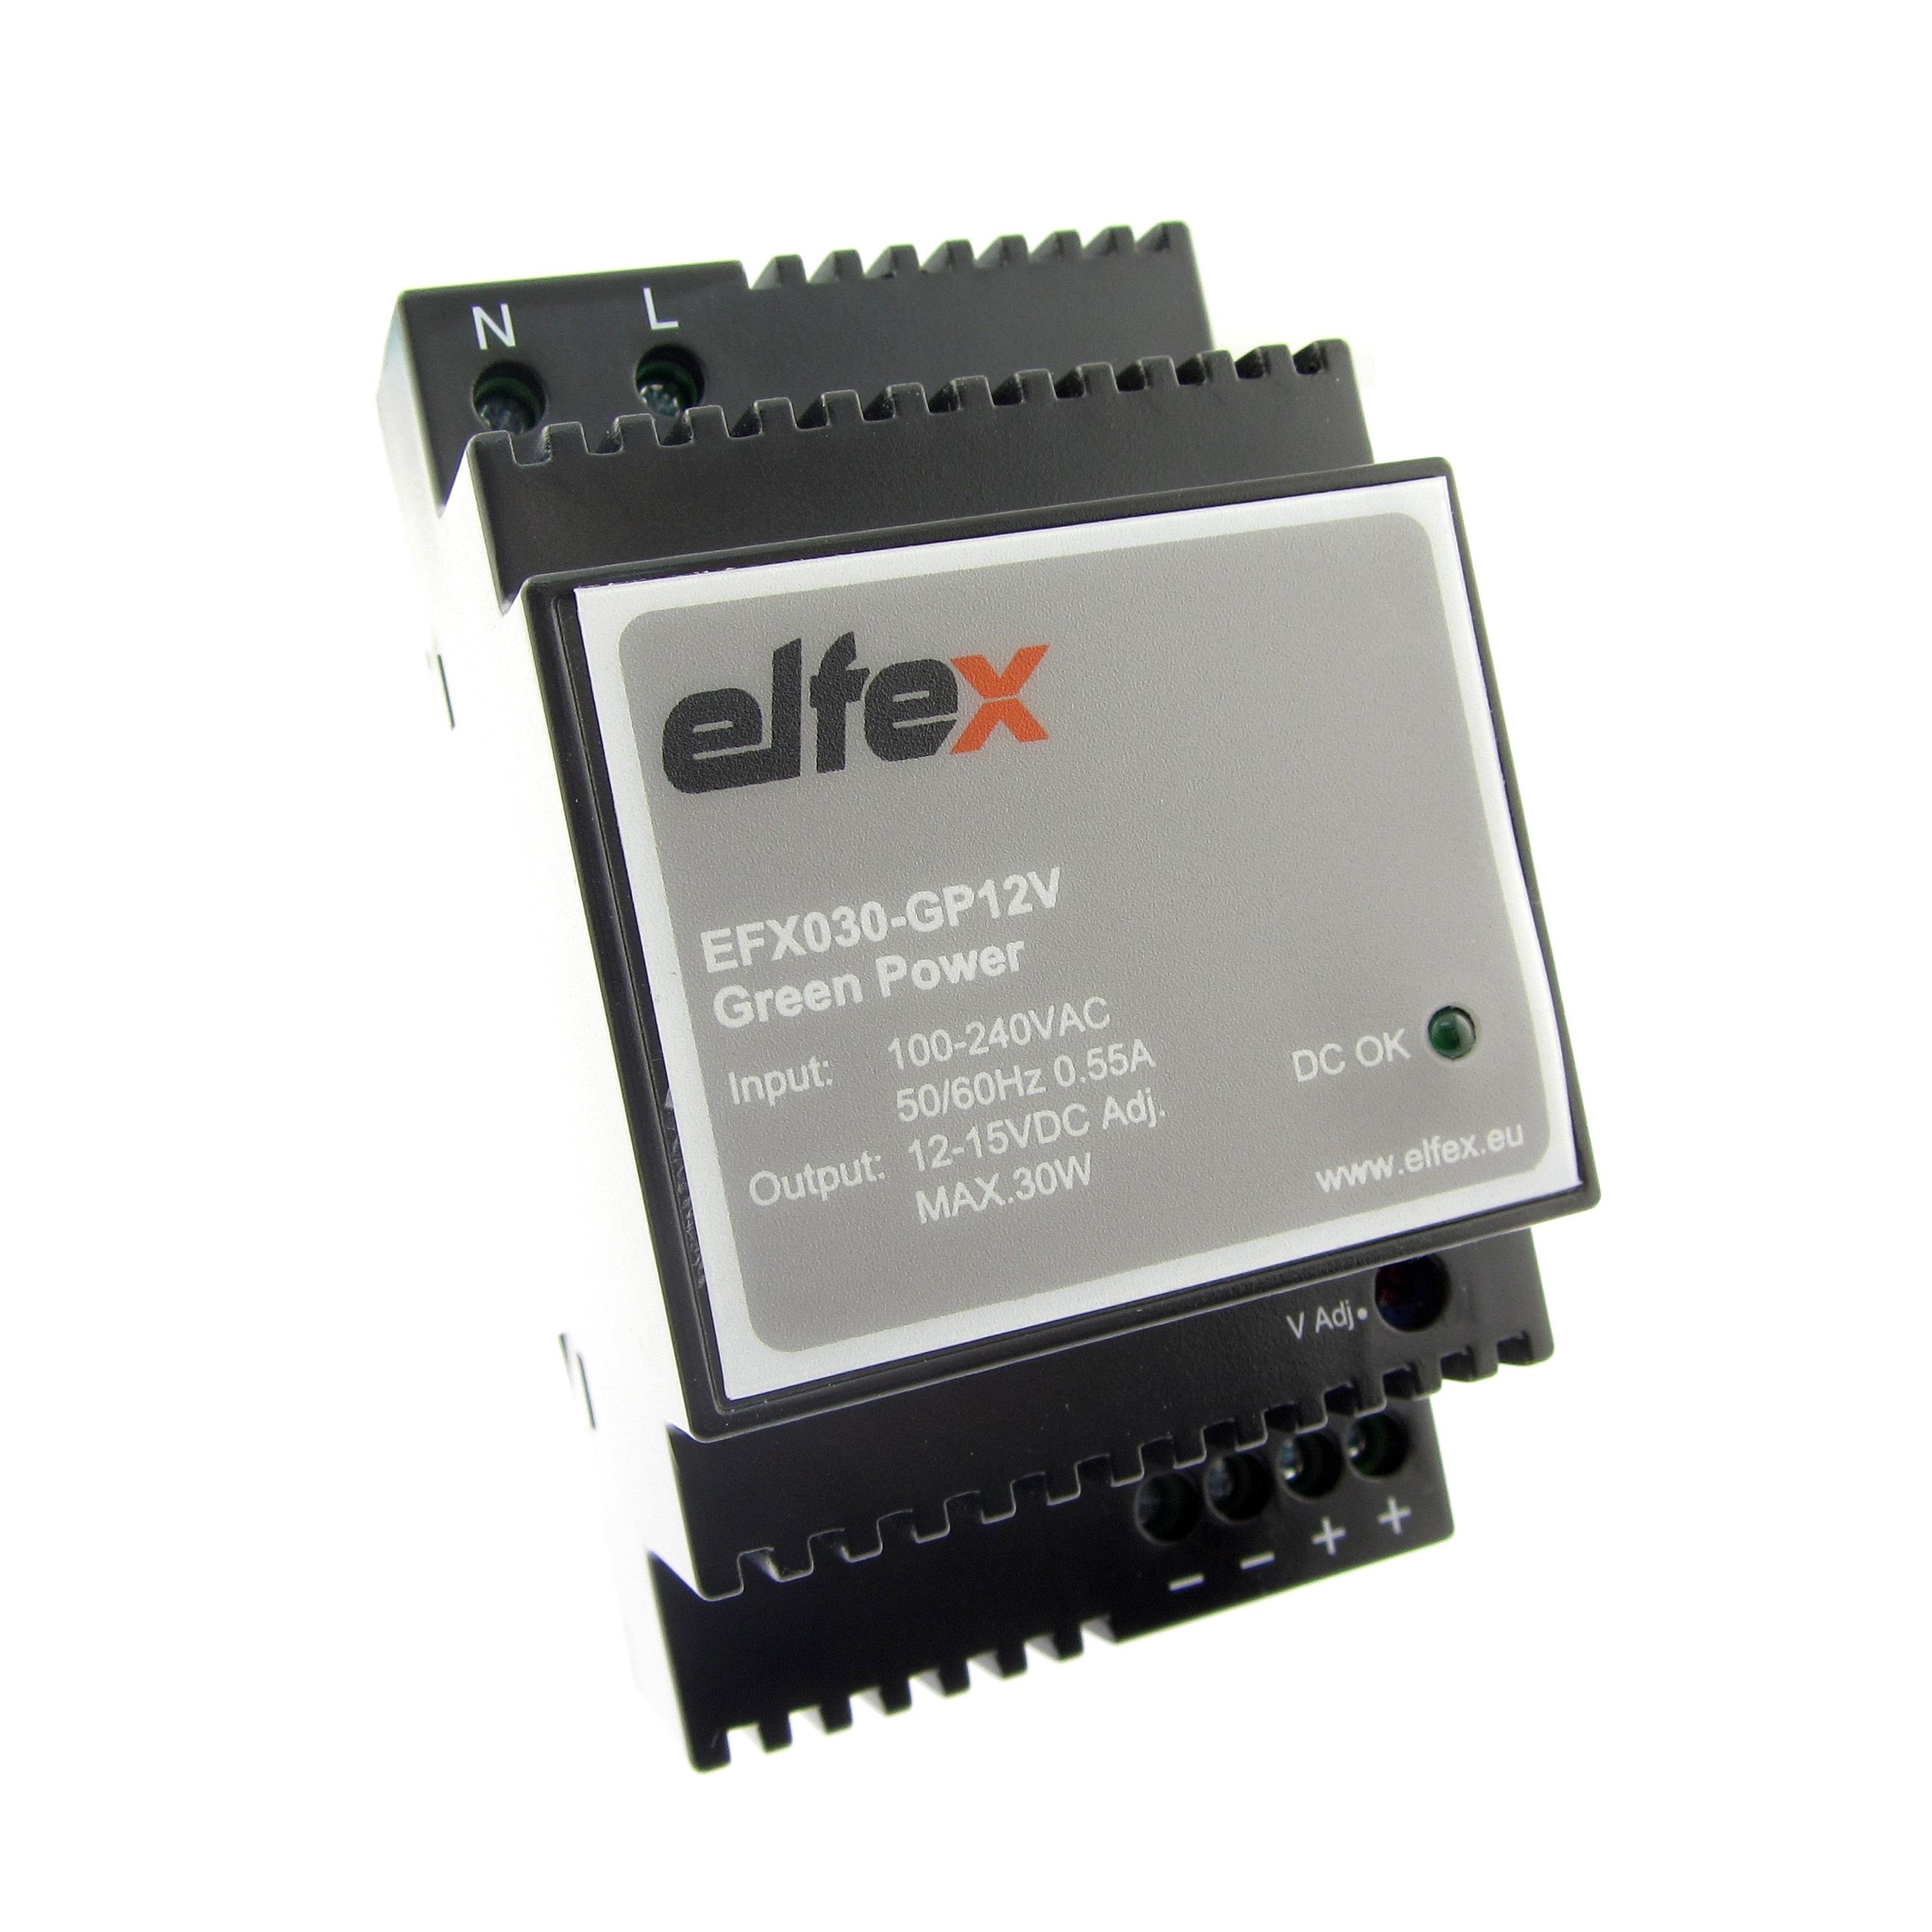 elfex Hutschienen-Netzteil 30W, 12V DC (einstellbar 12V-15V), EFX030-GP12V